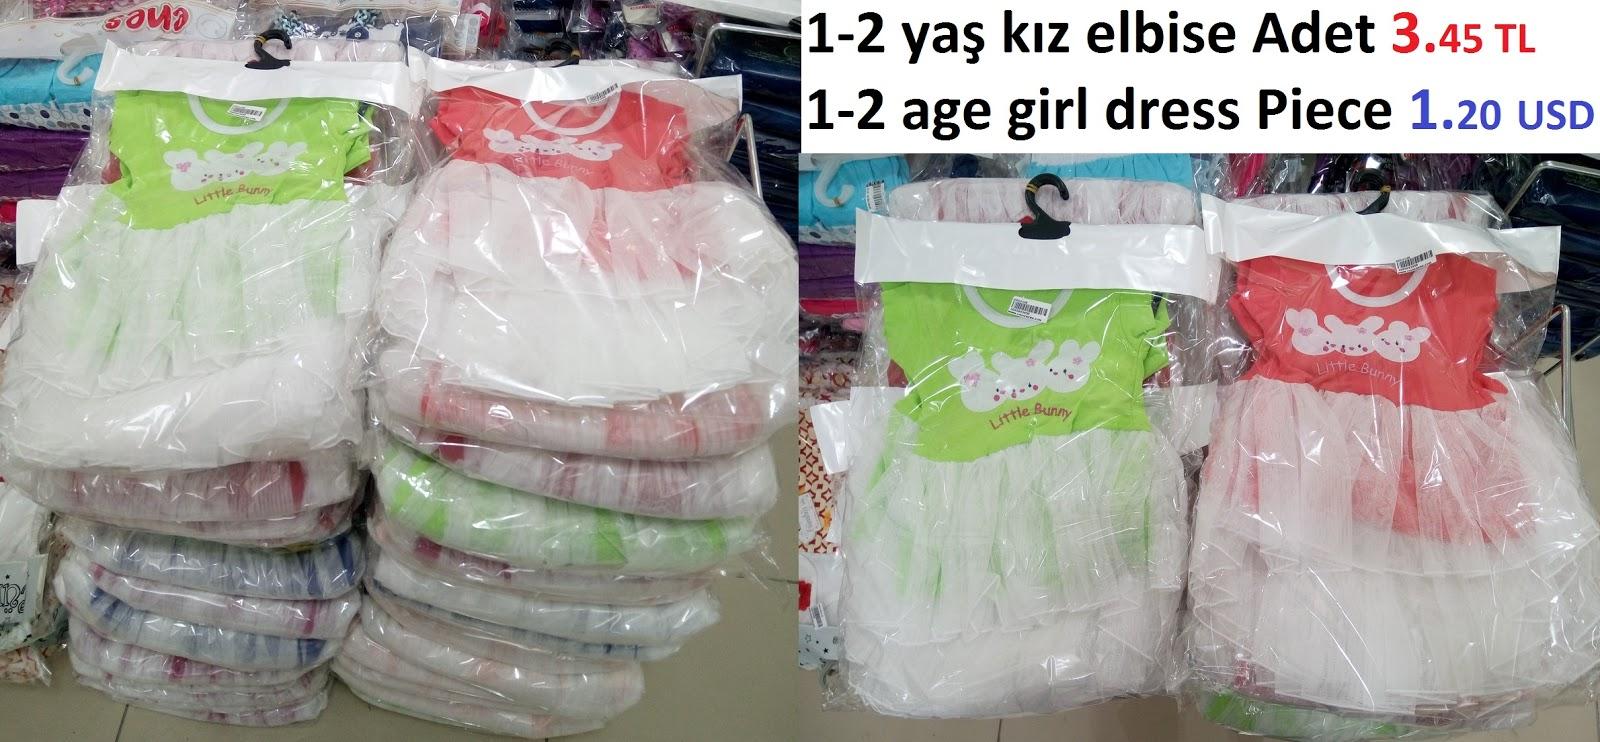 toptan yazlık çocuk giyim ürünleri